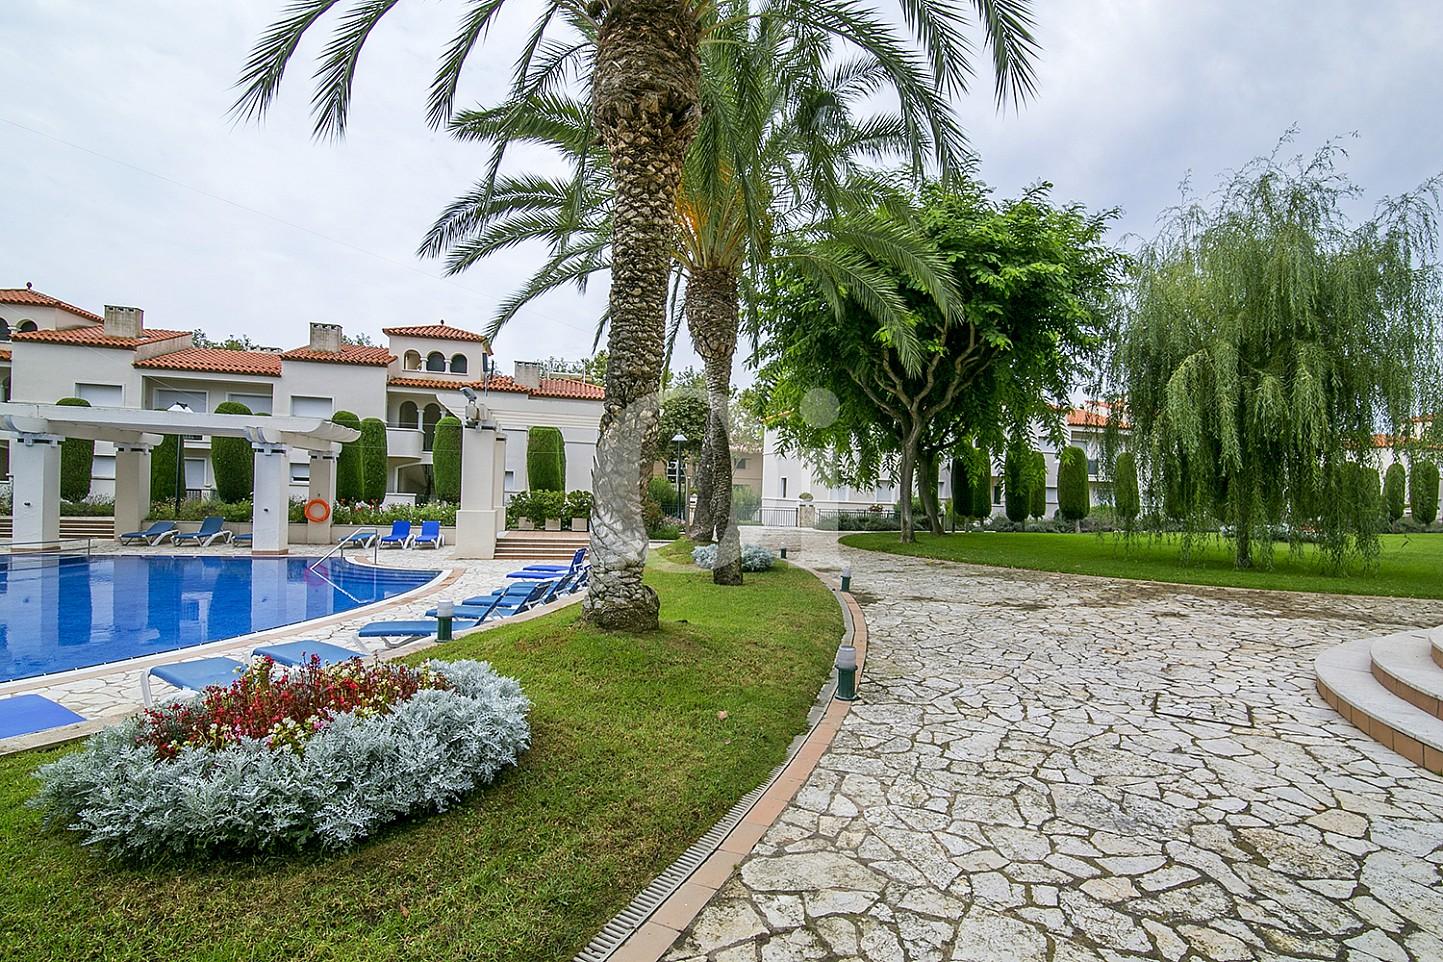 Vistas de lujoso ático dúplex en venta en S'Agaró, Costa Brava